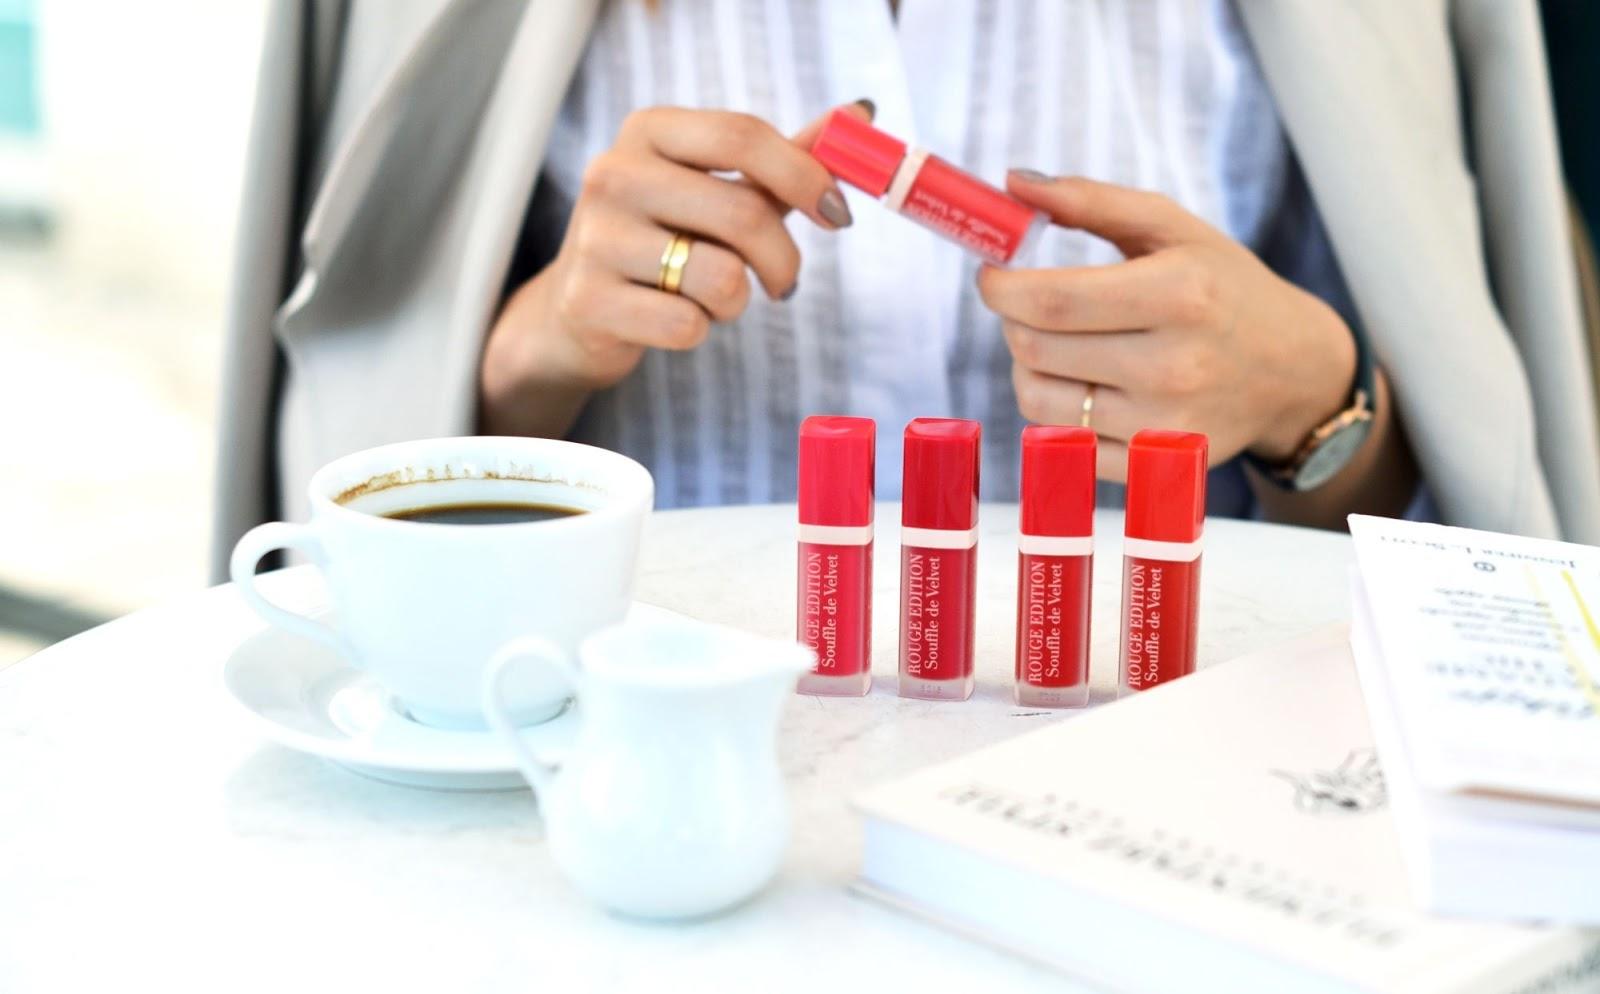 szminki souffle de velvet | pomadki | blog o urodzie